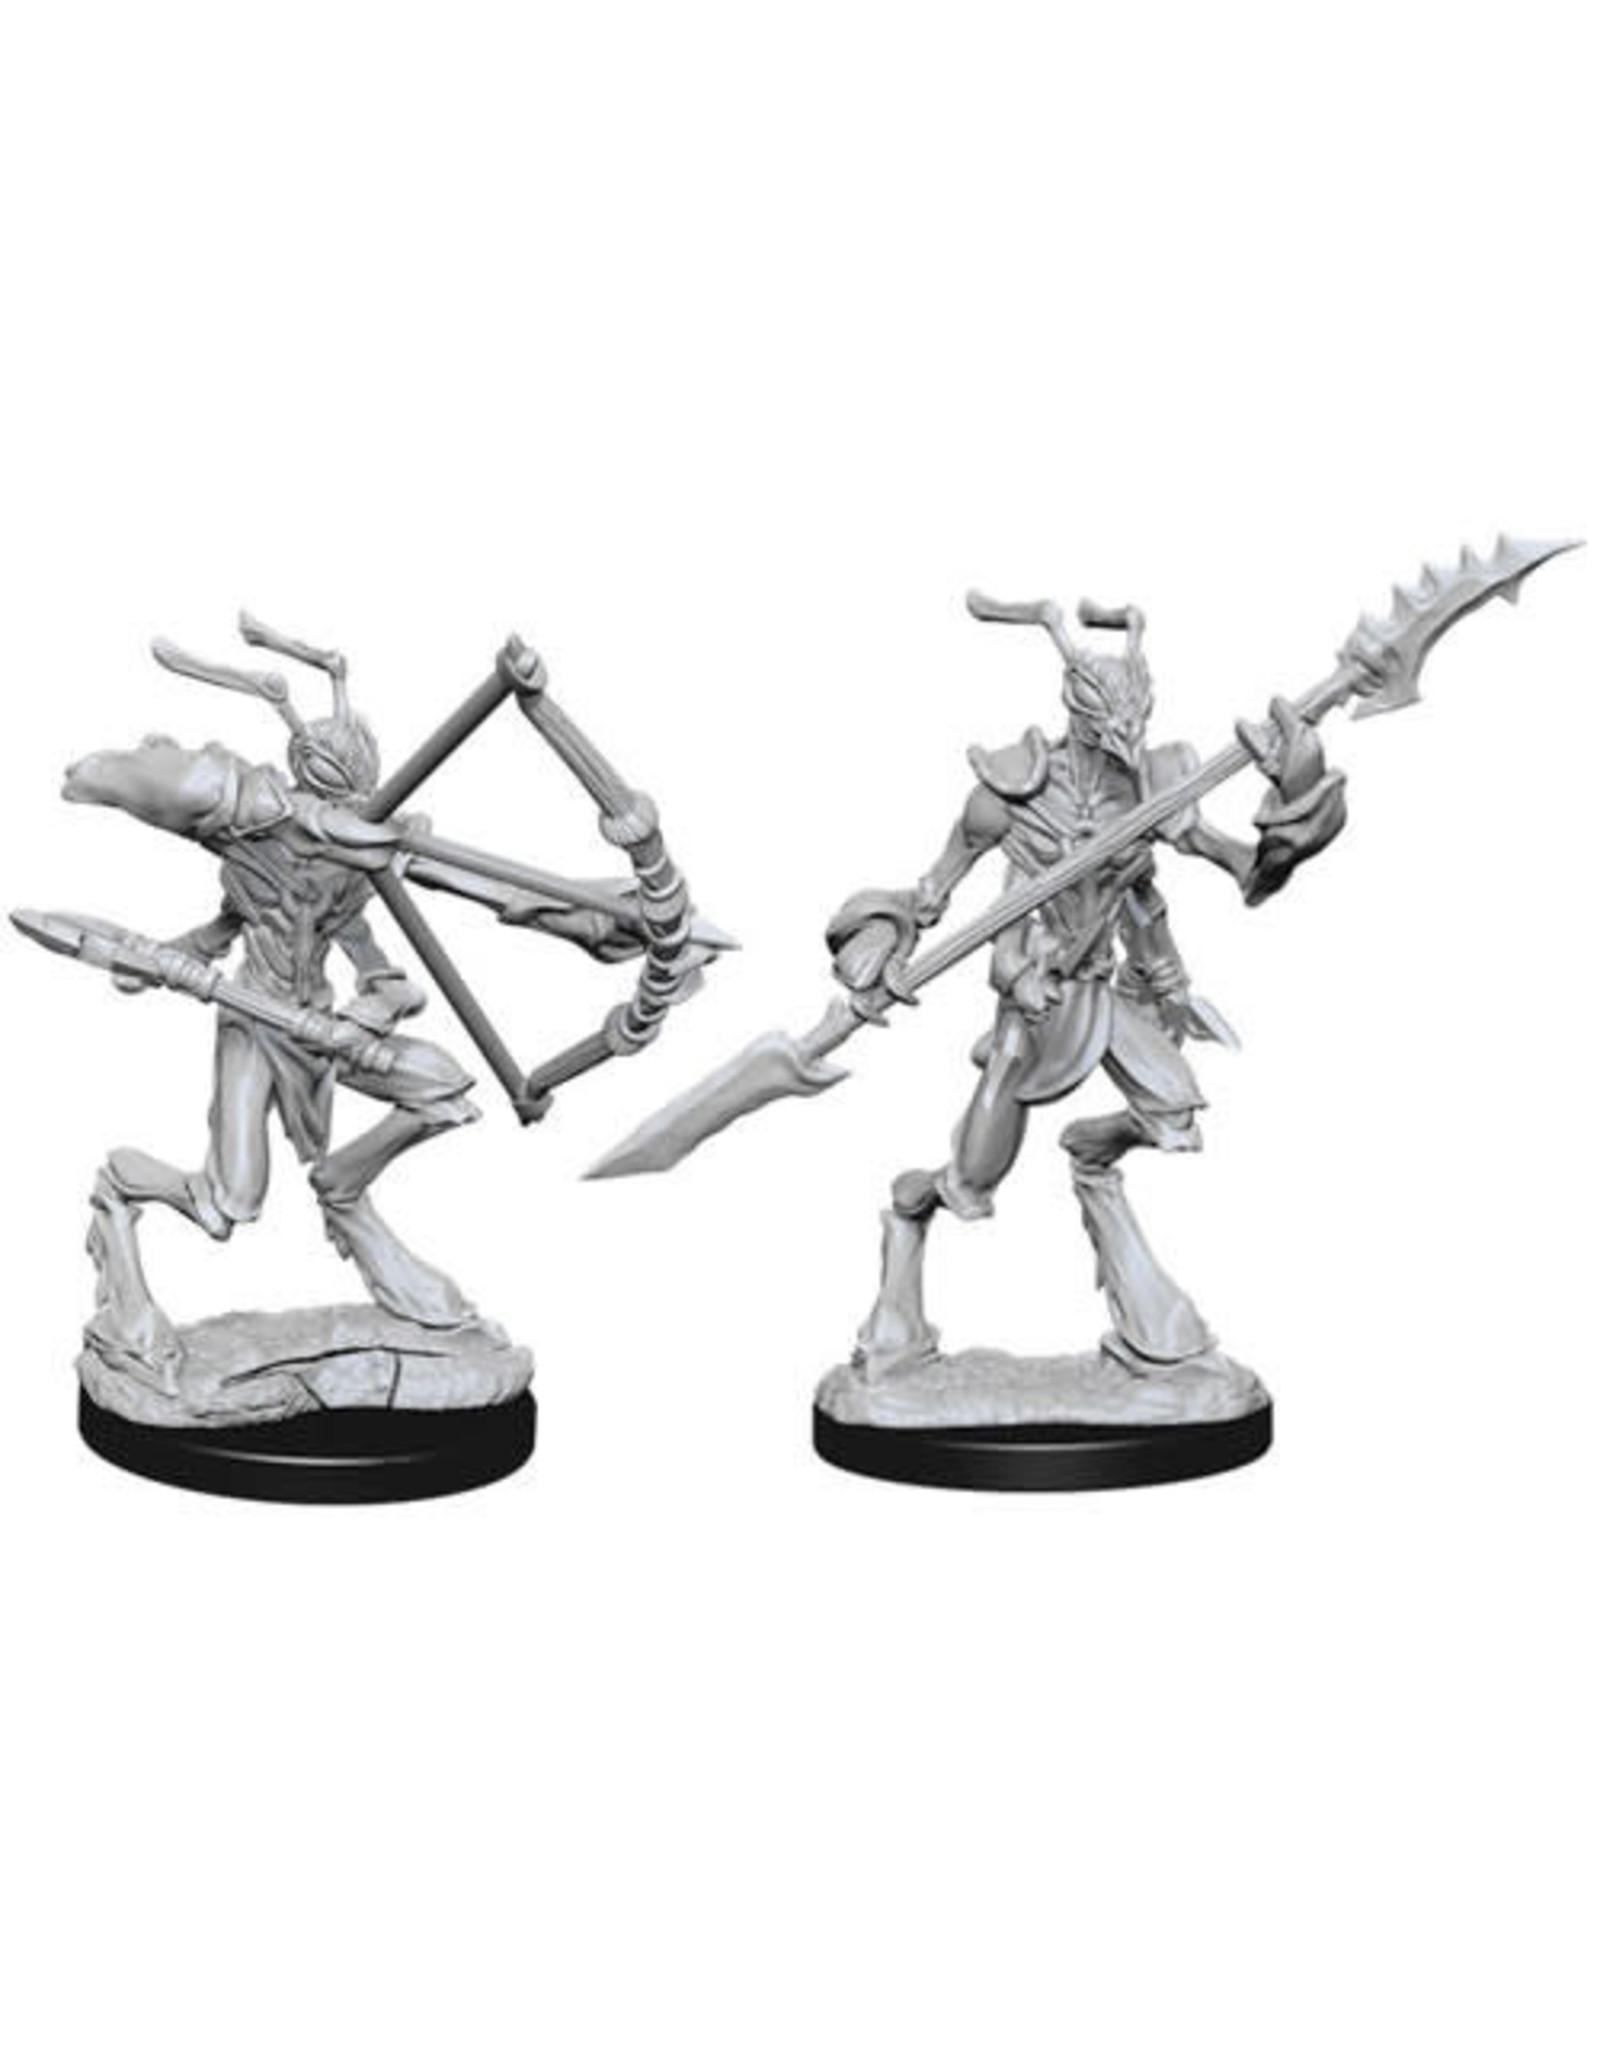 D&D Unpainted Minis: Thri-Kreen